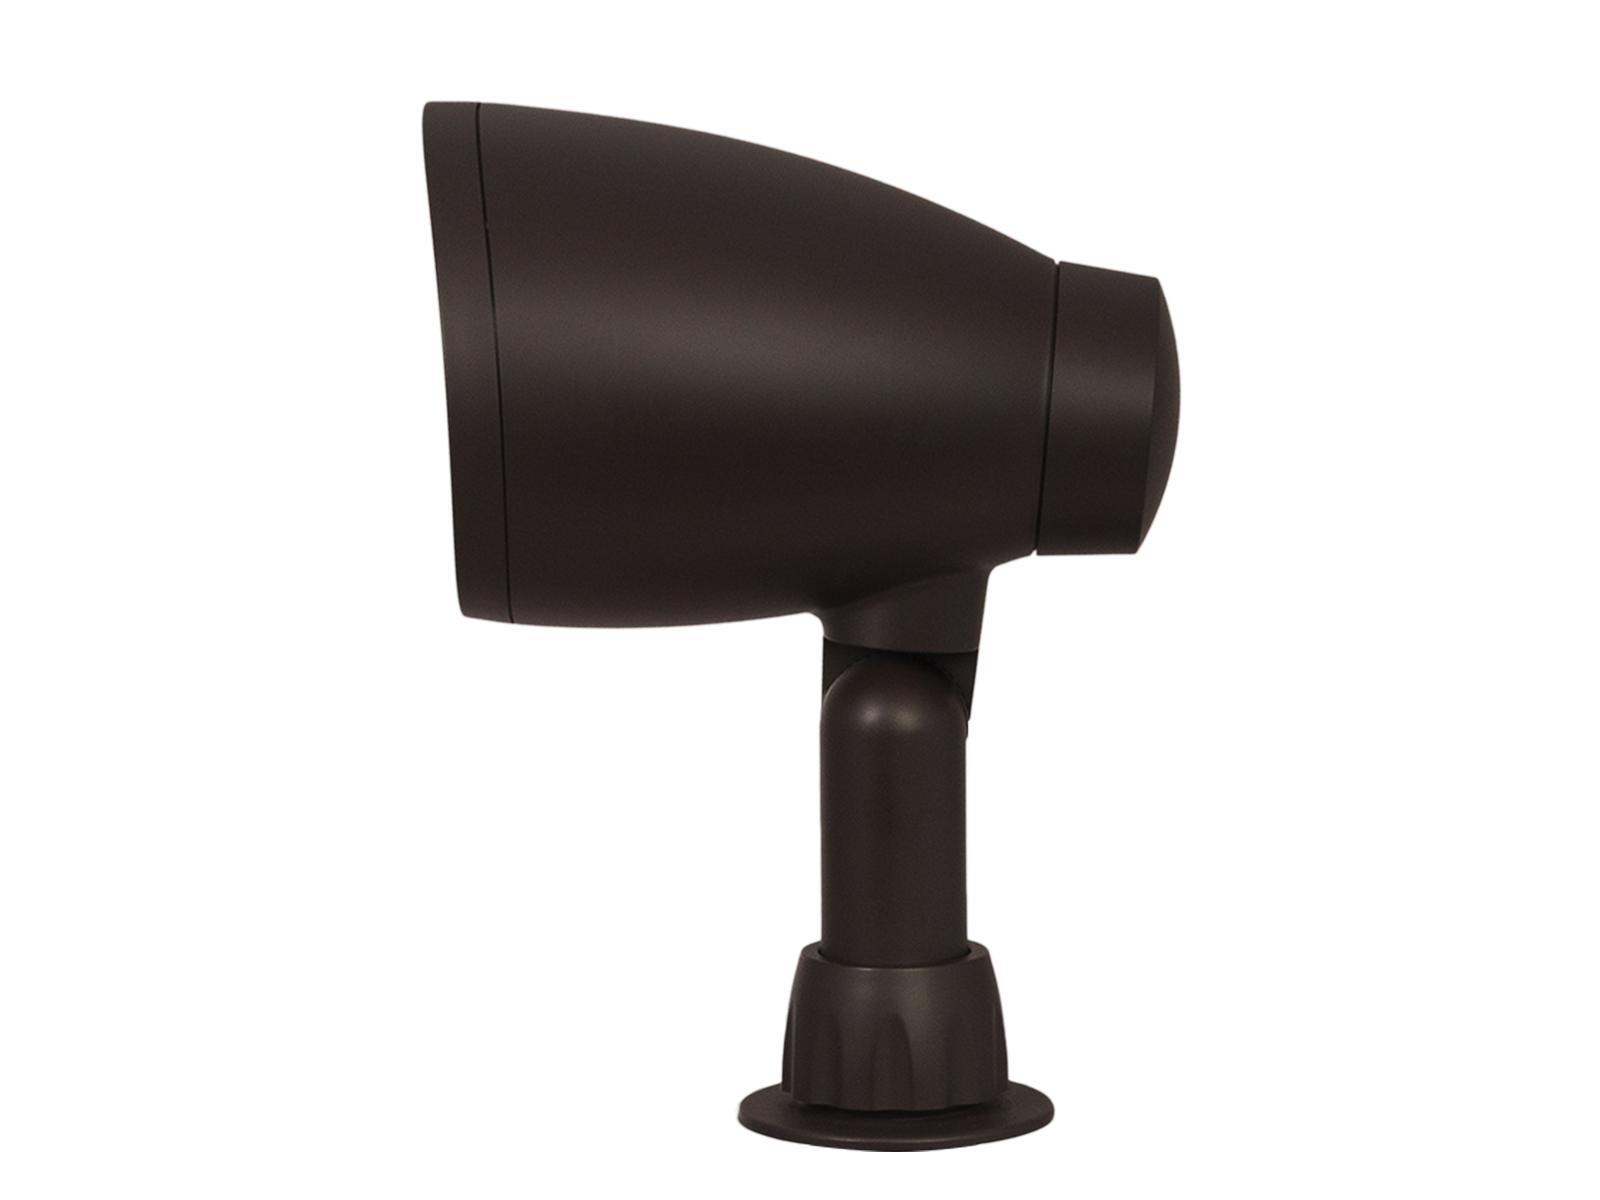 Niles NI-GS-4 4in 2-Way 70V/100V/8Ohm Landscape Satellite Speaker